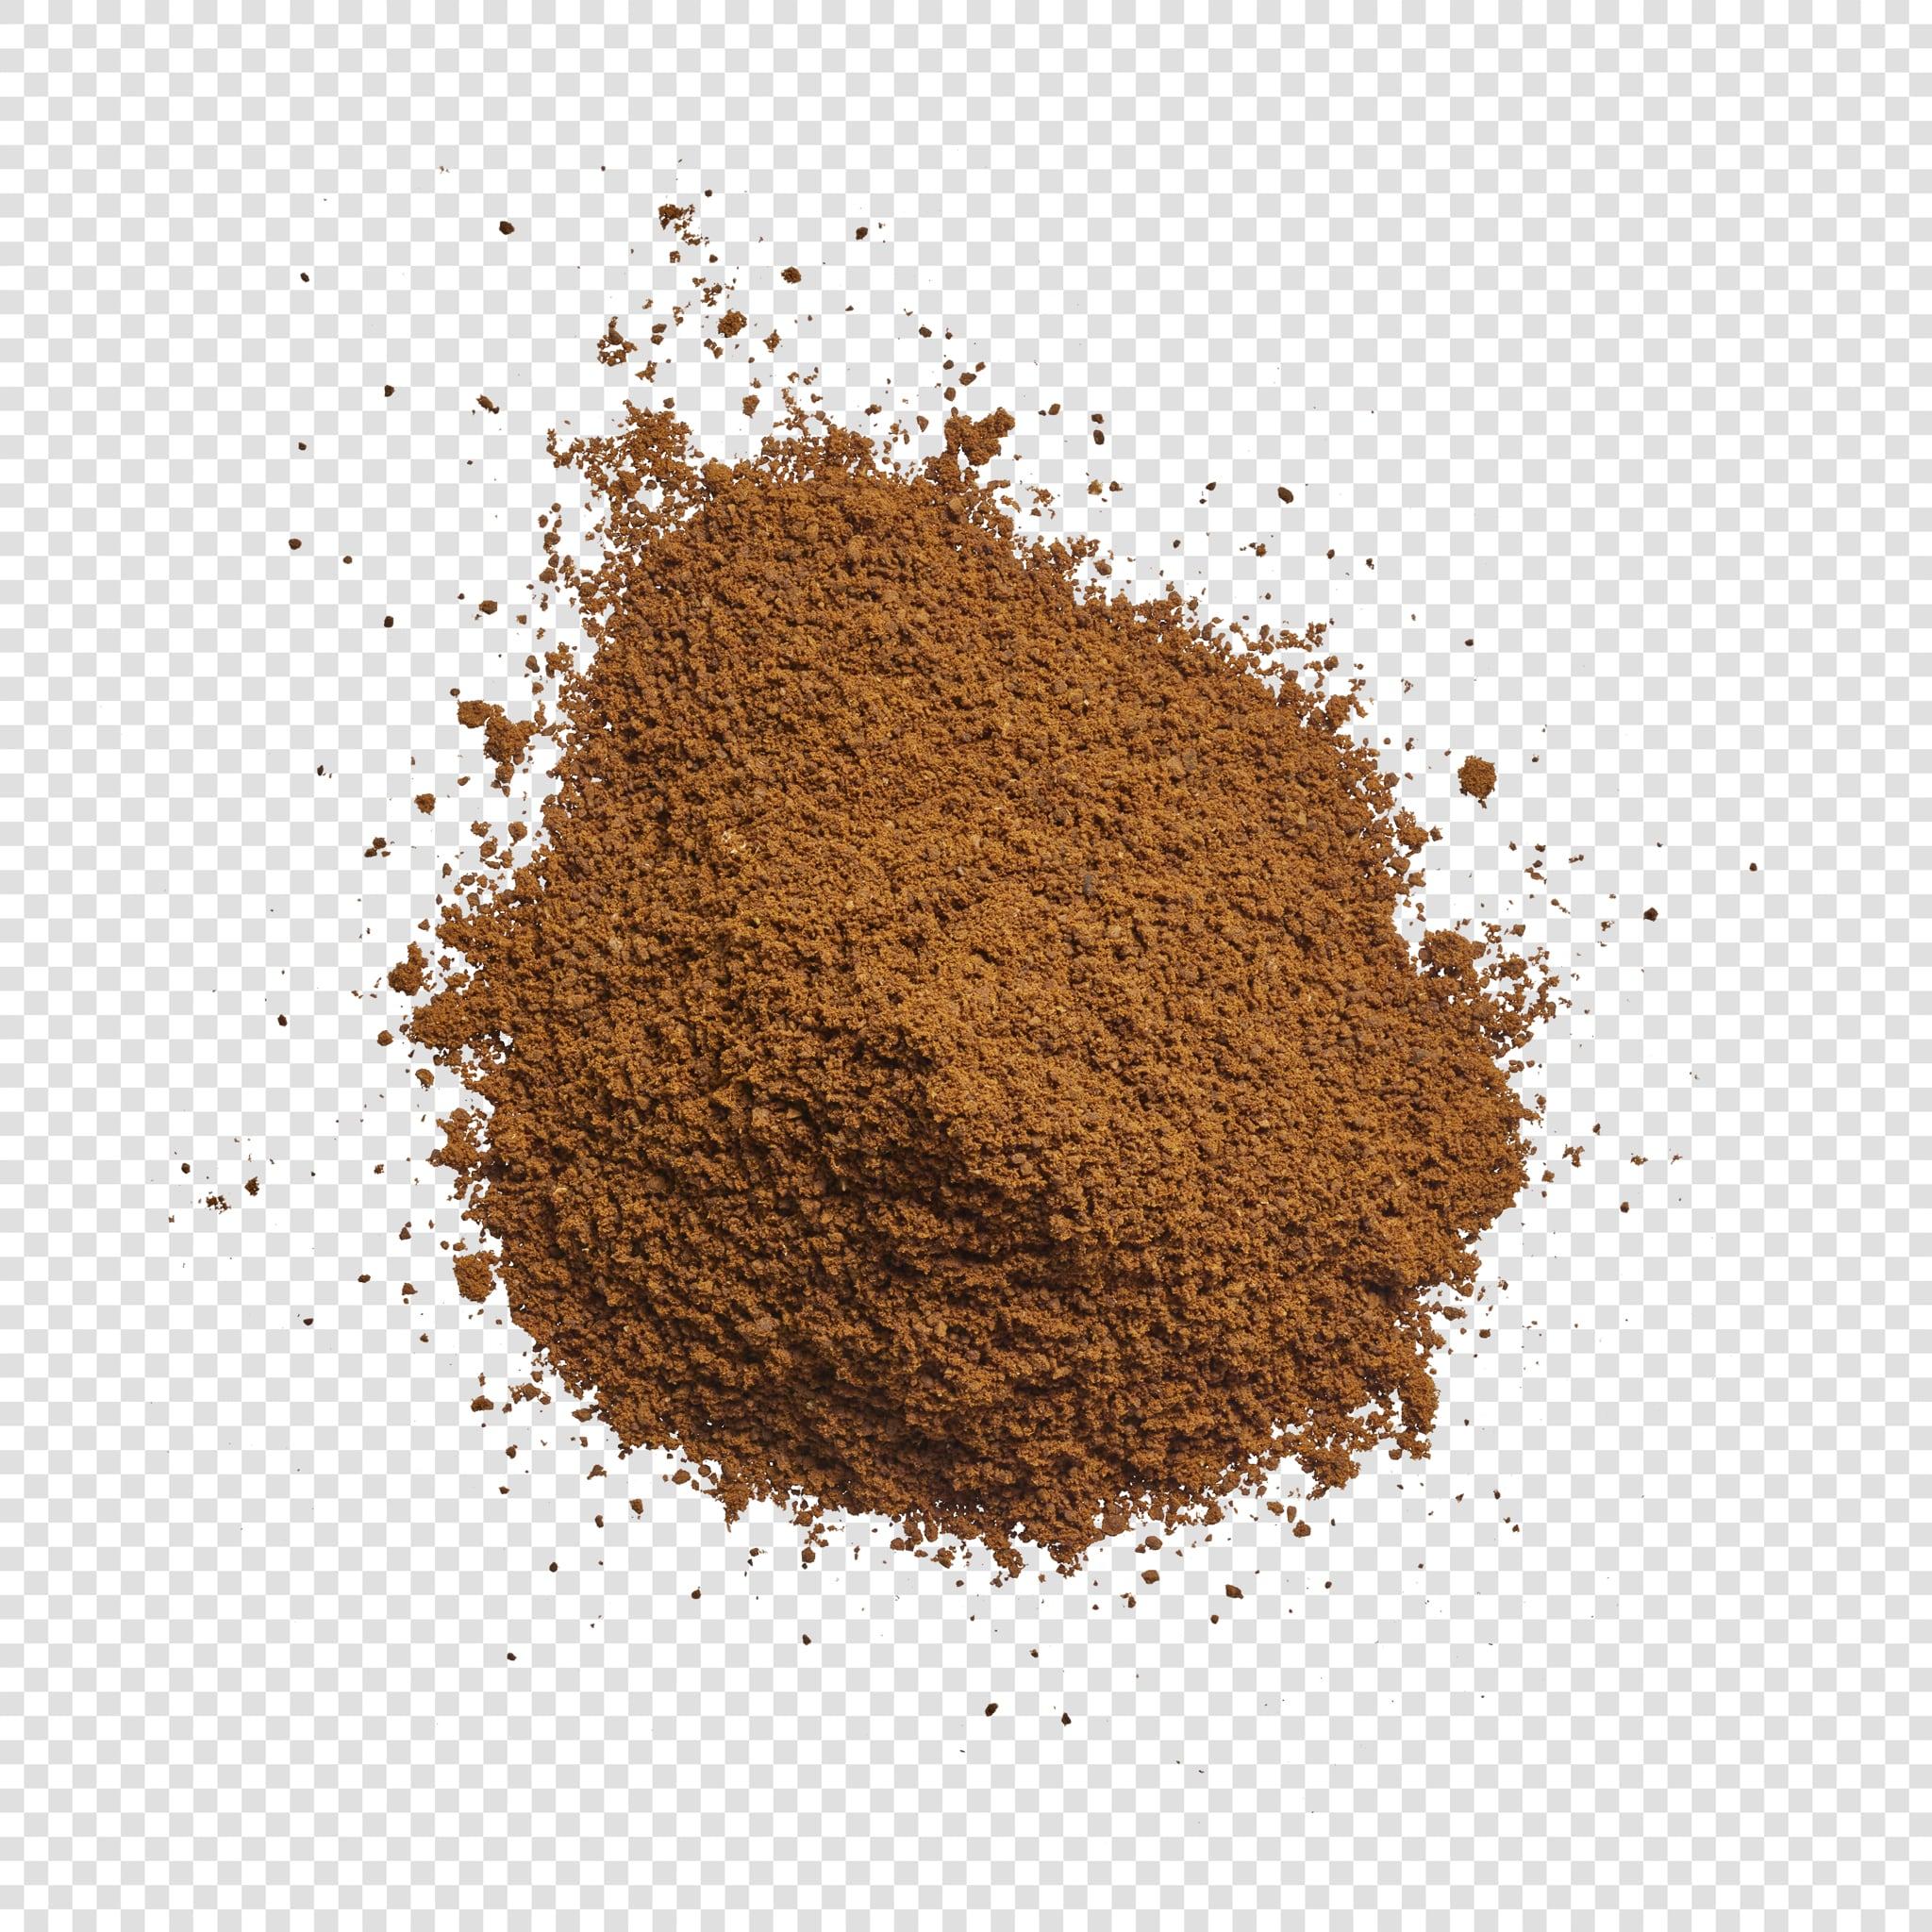 PSD Layered Coffee image